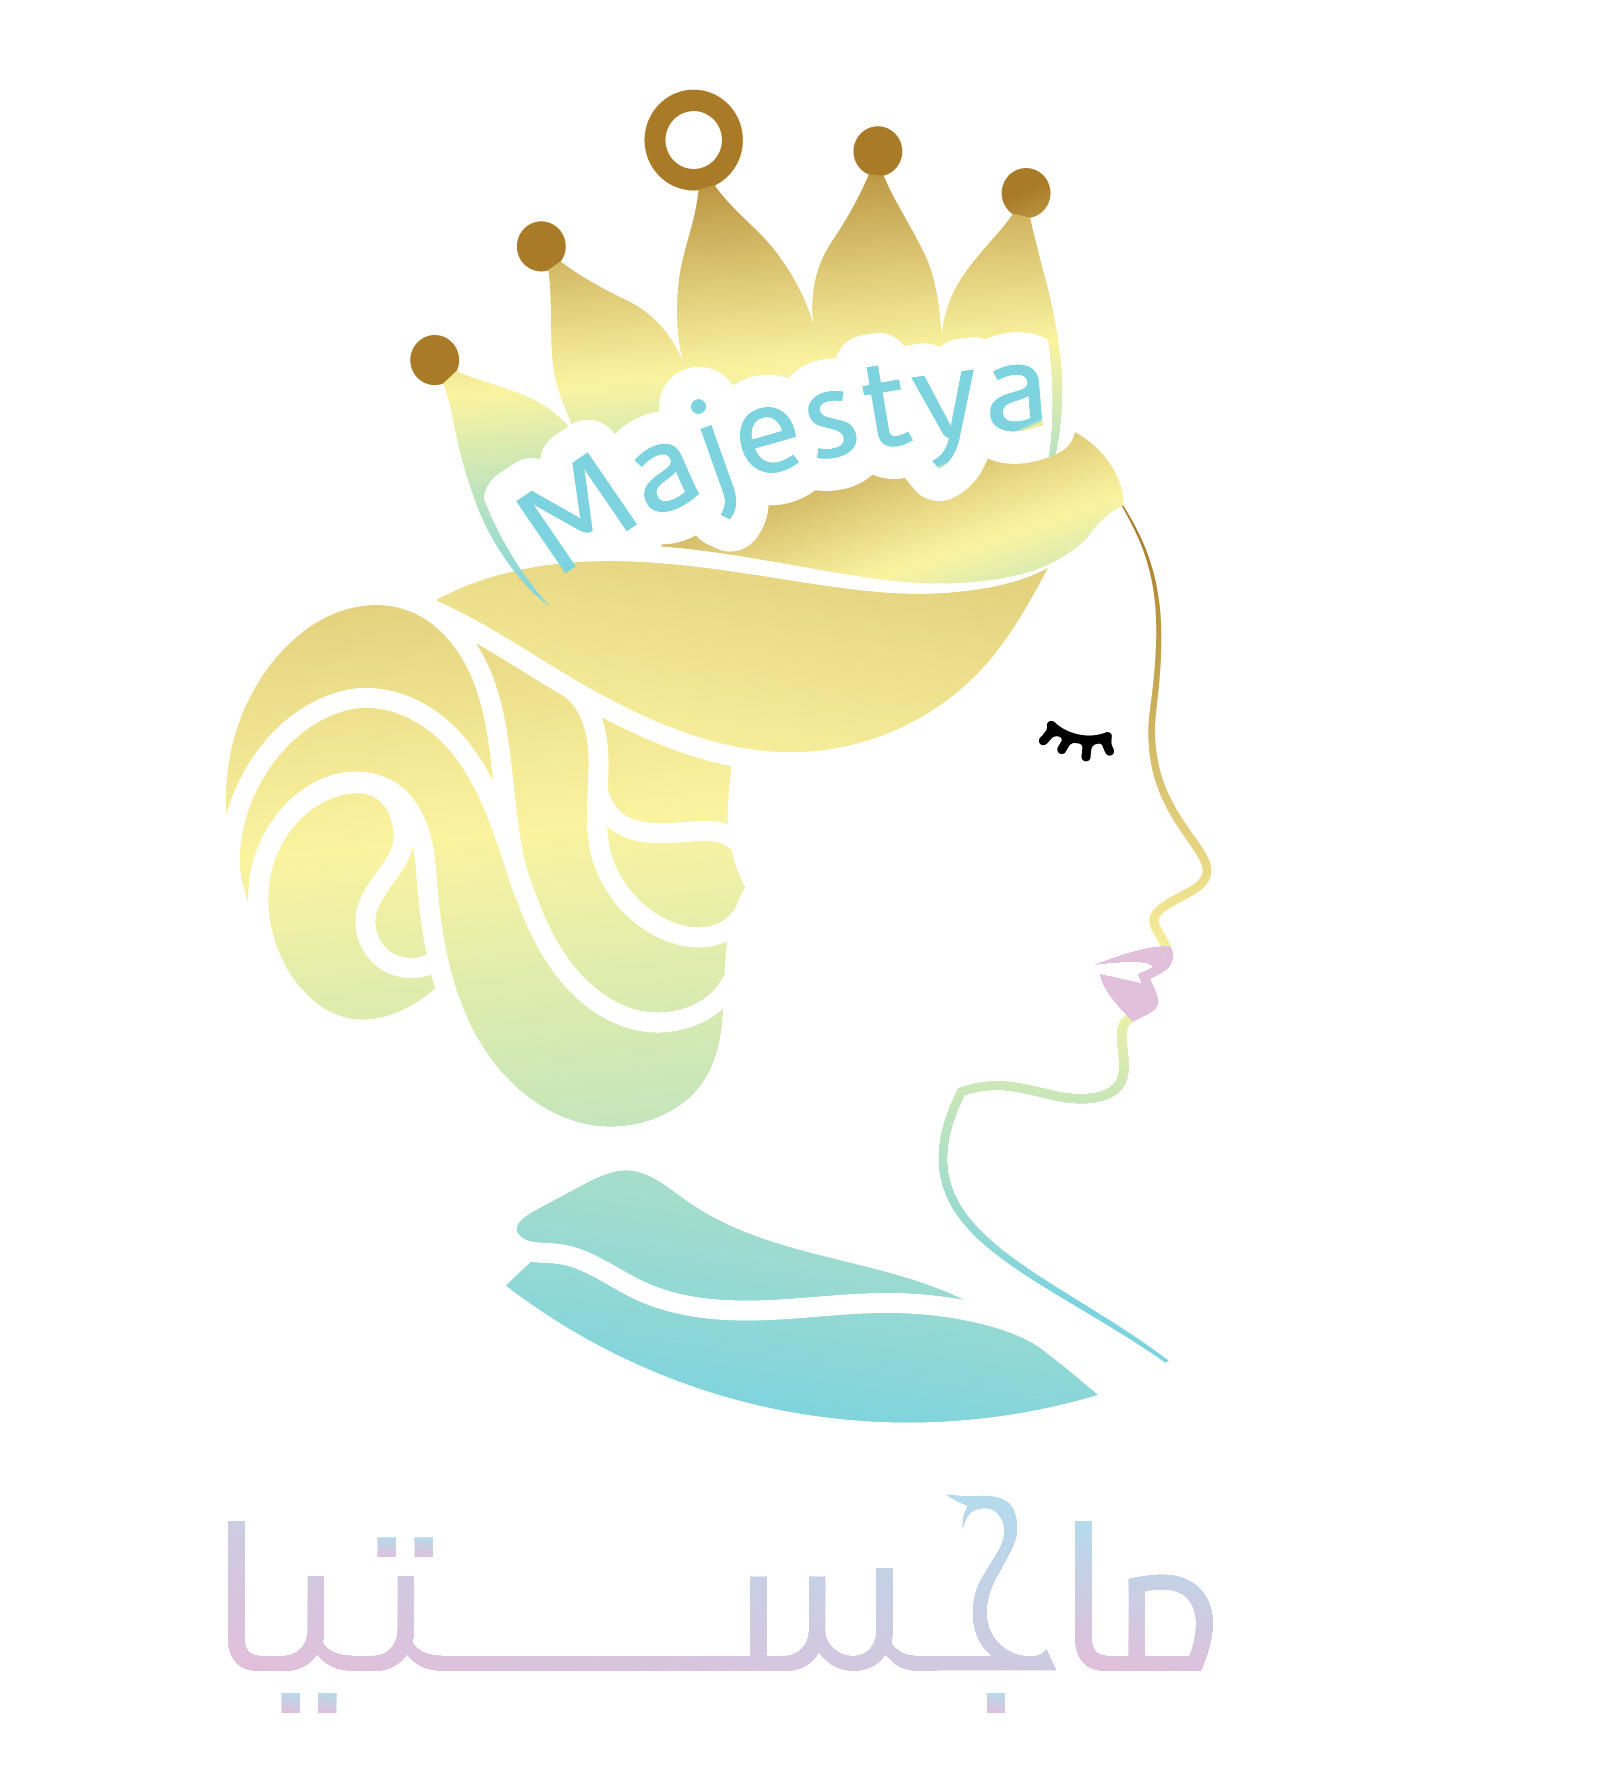 ماجستيا | majestya